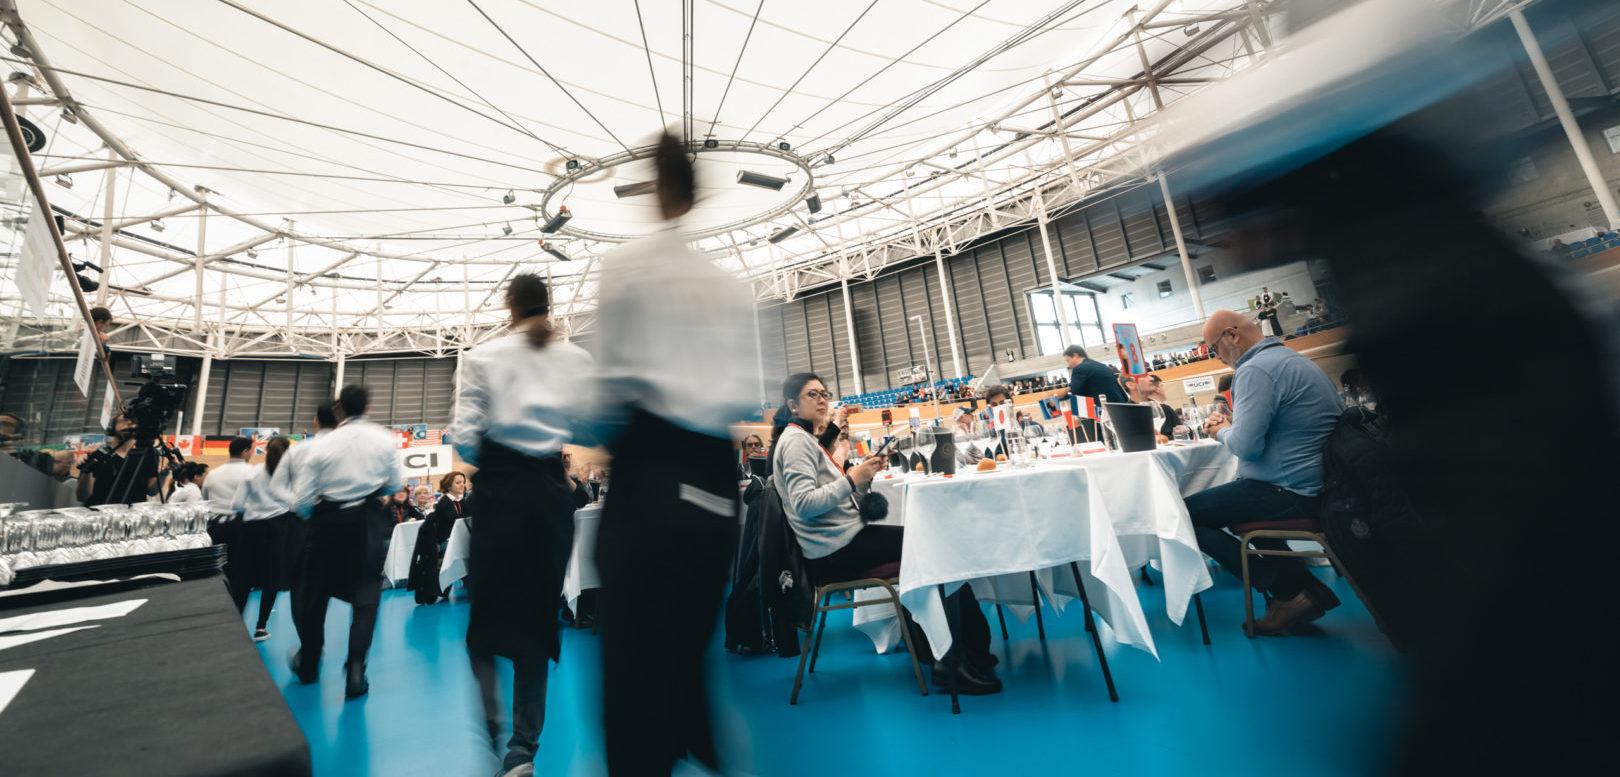 Concours Mondial de Bruxelles 2019,Concurso Mundial de Bruxelas 2019